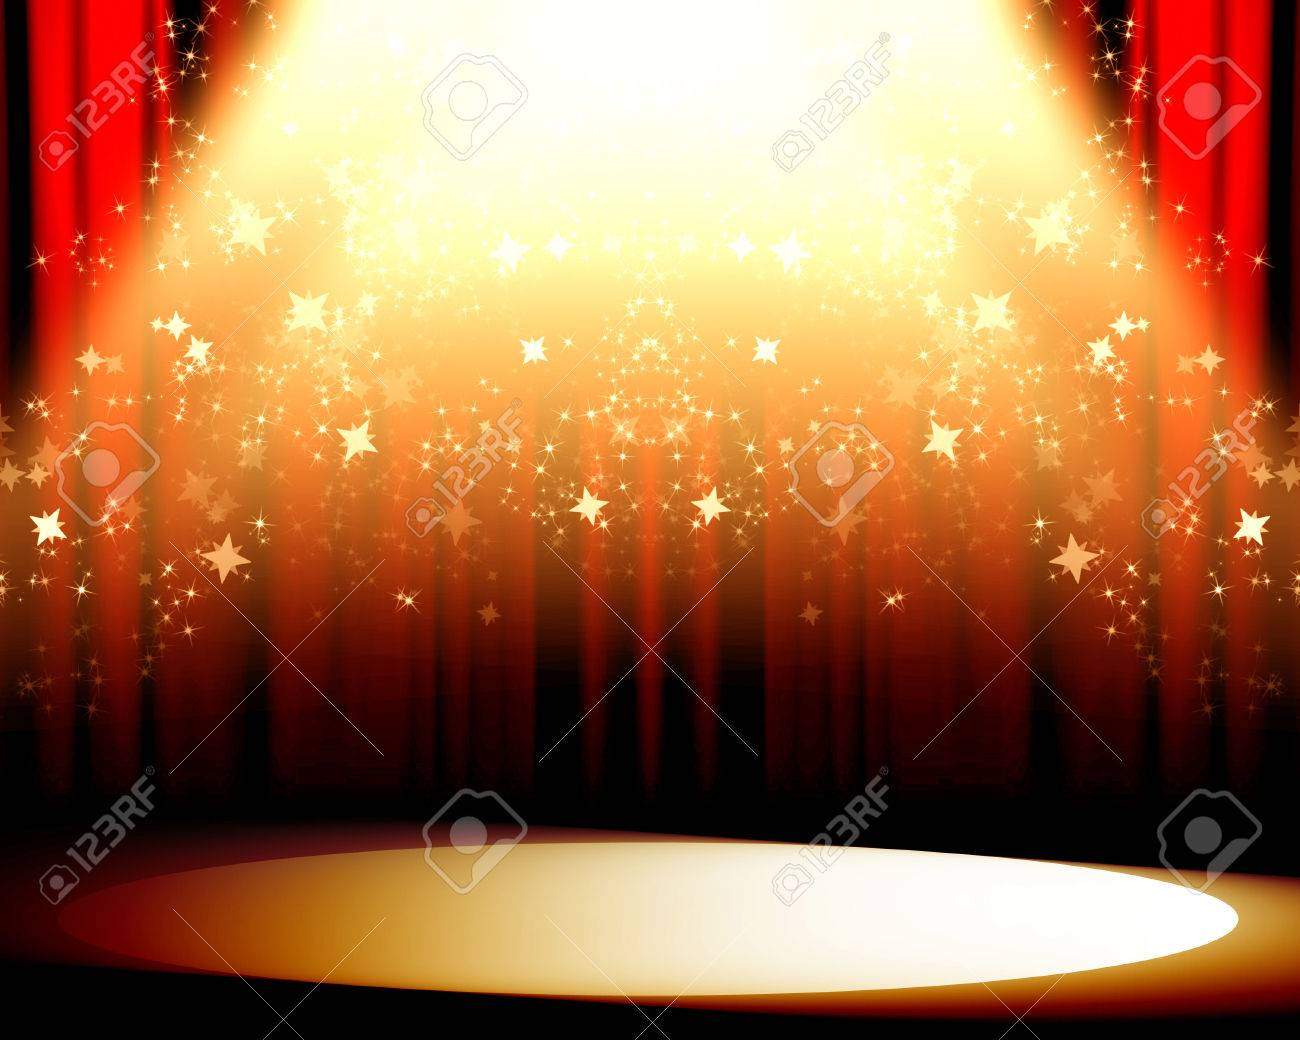 cortinas rojas de cine o de teatro con un foco luminoso sobre ella foto de archivo